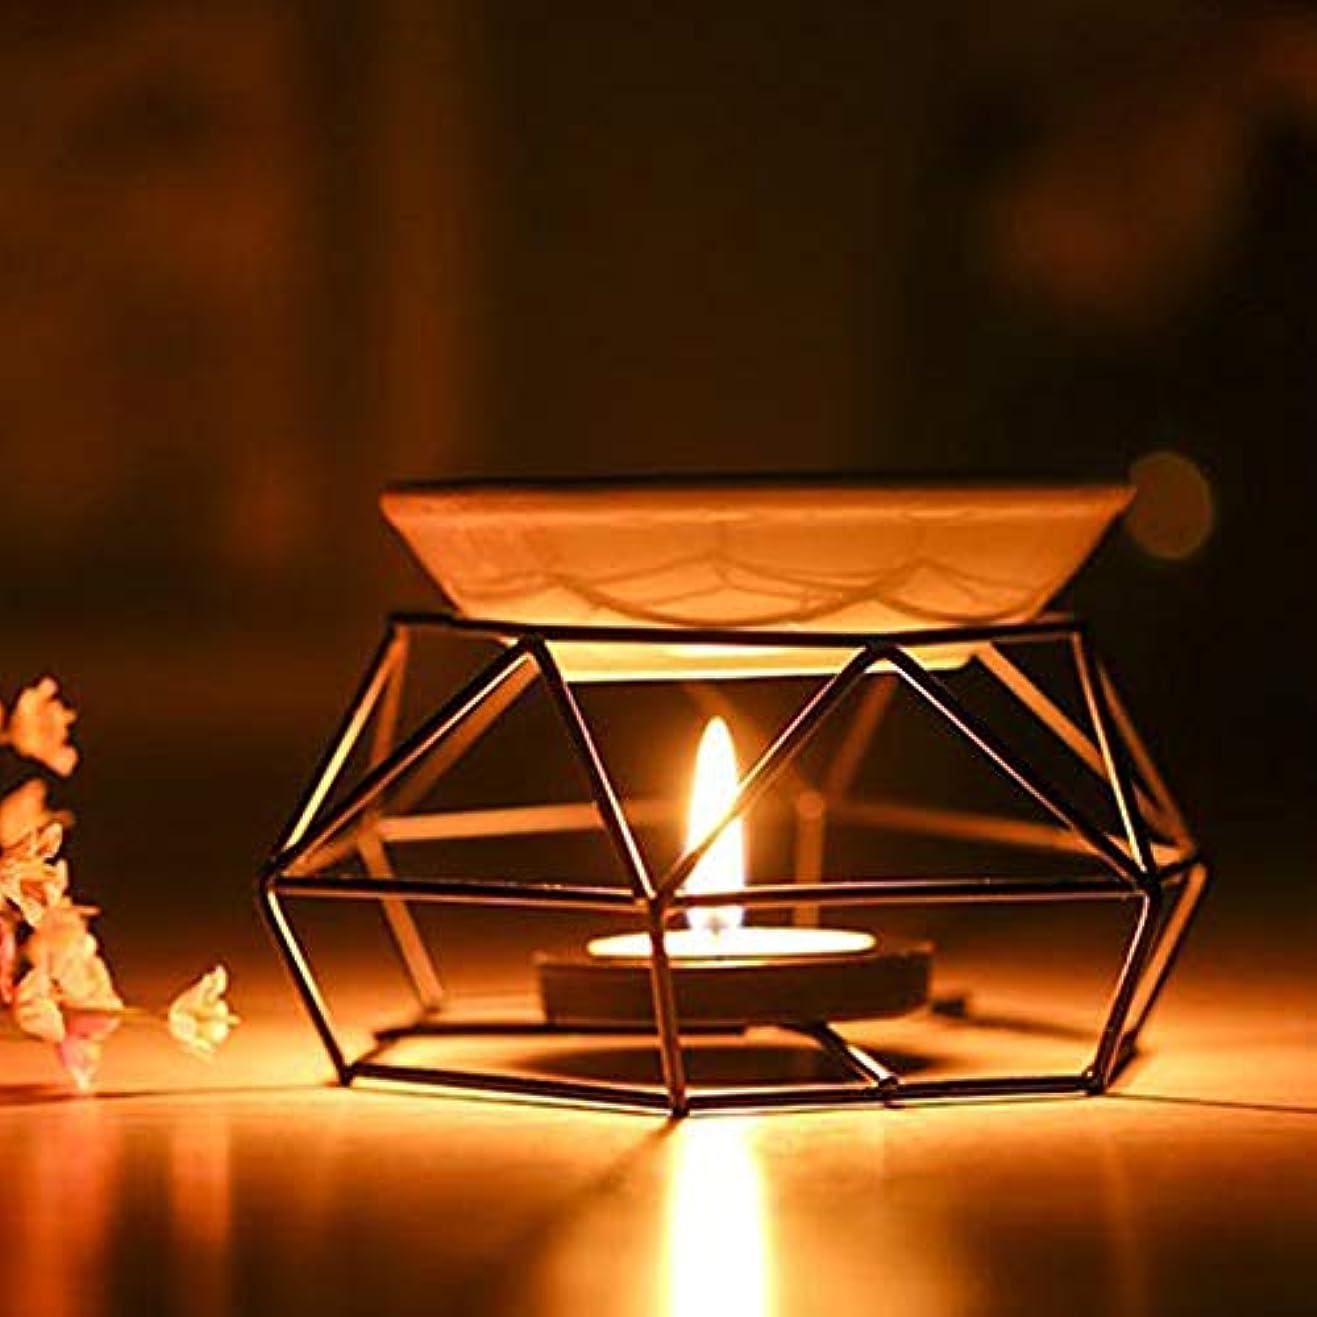 賢明なうっかりカトリック教徒アロマディフューザーブラックオイルバーナーギフトヨガ屋内スパ鉄工芸品インテリアキャンドルアロマセラピー